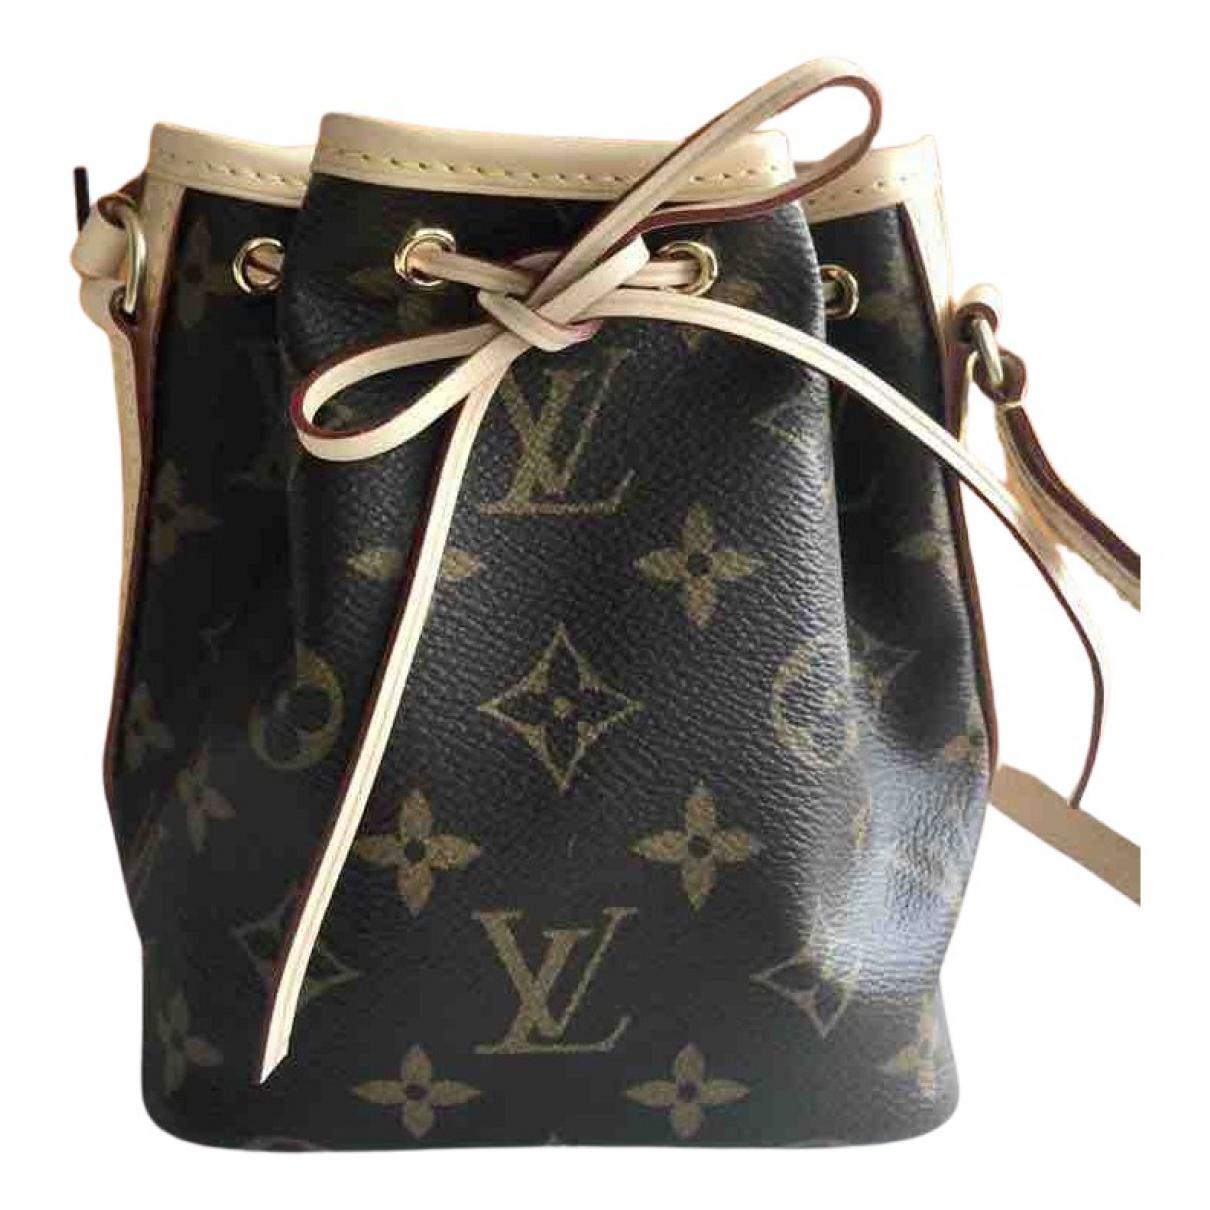 Louis Vuitton - Sac a main NeoNoe BB pour femme en toile - marron